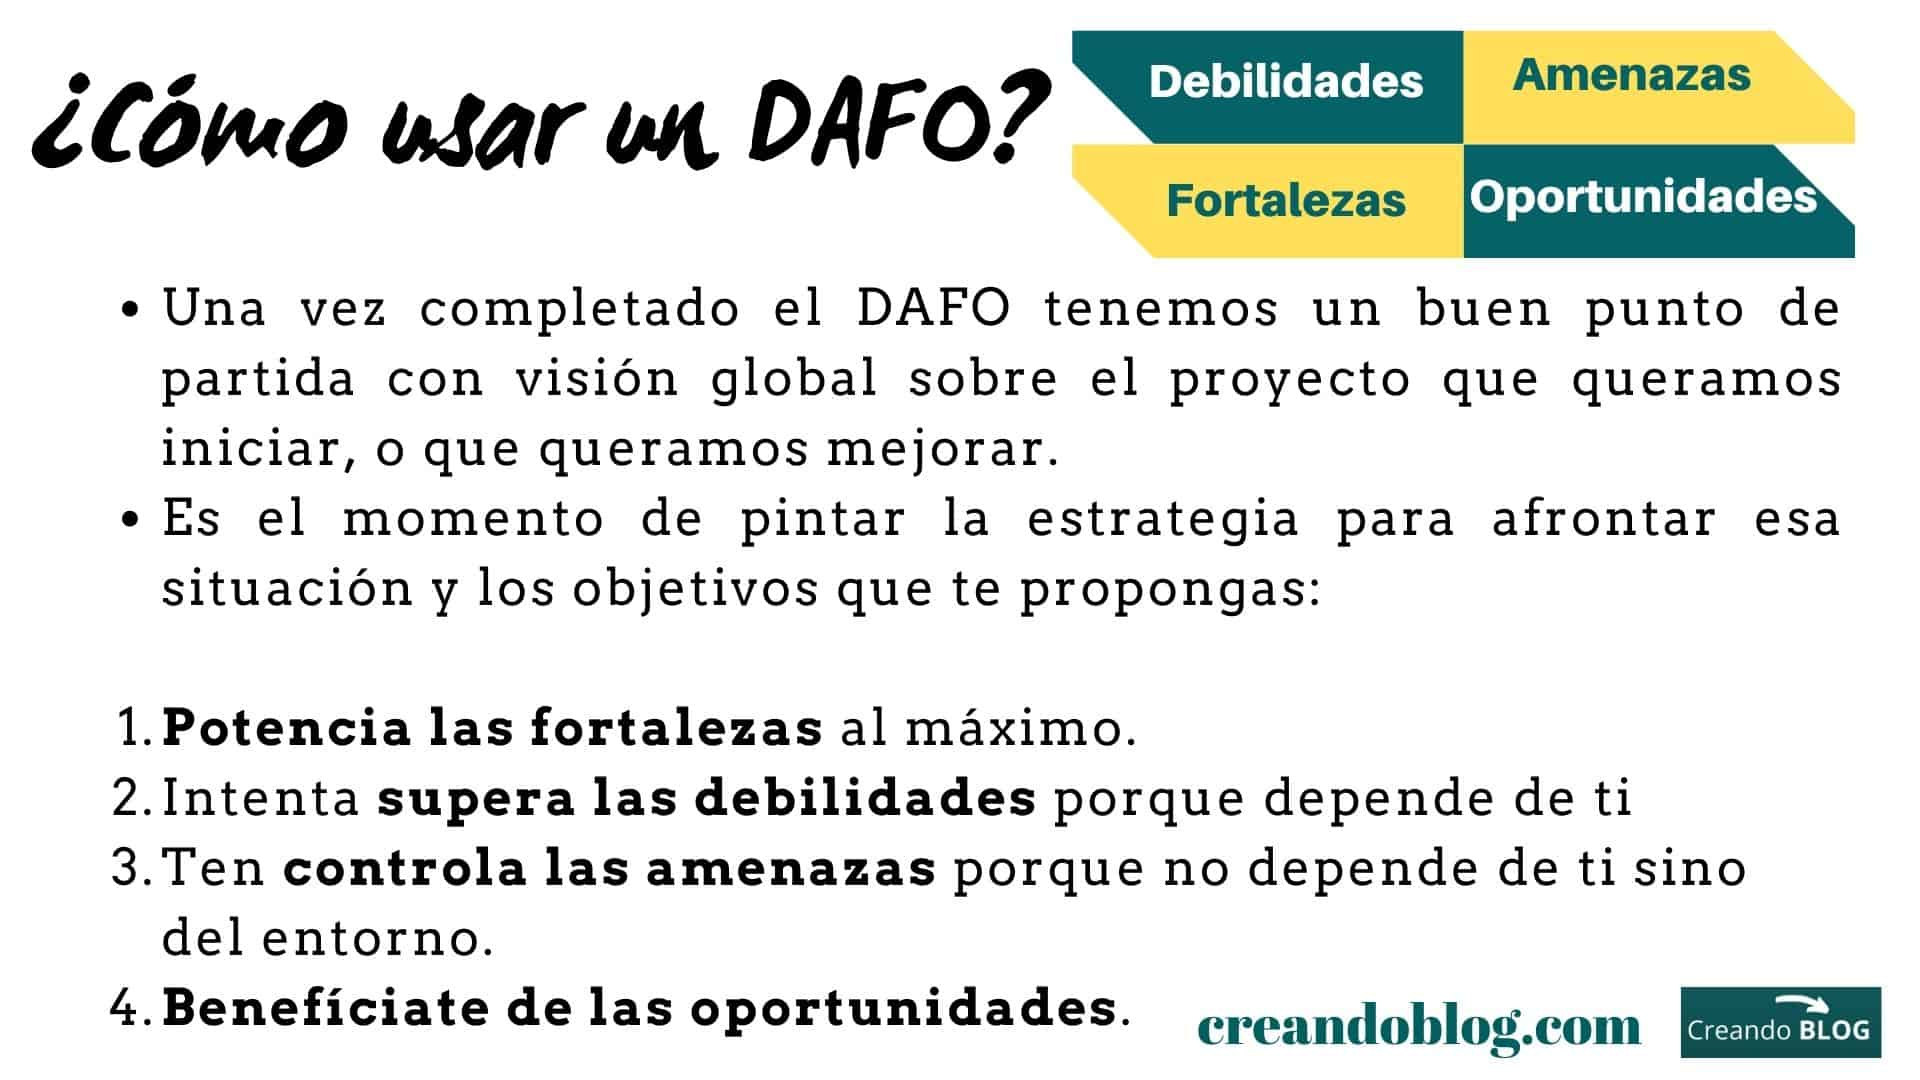 Imagen con texto sobre cómo se debe usar un DAFO